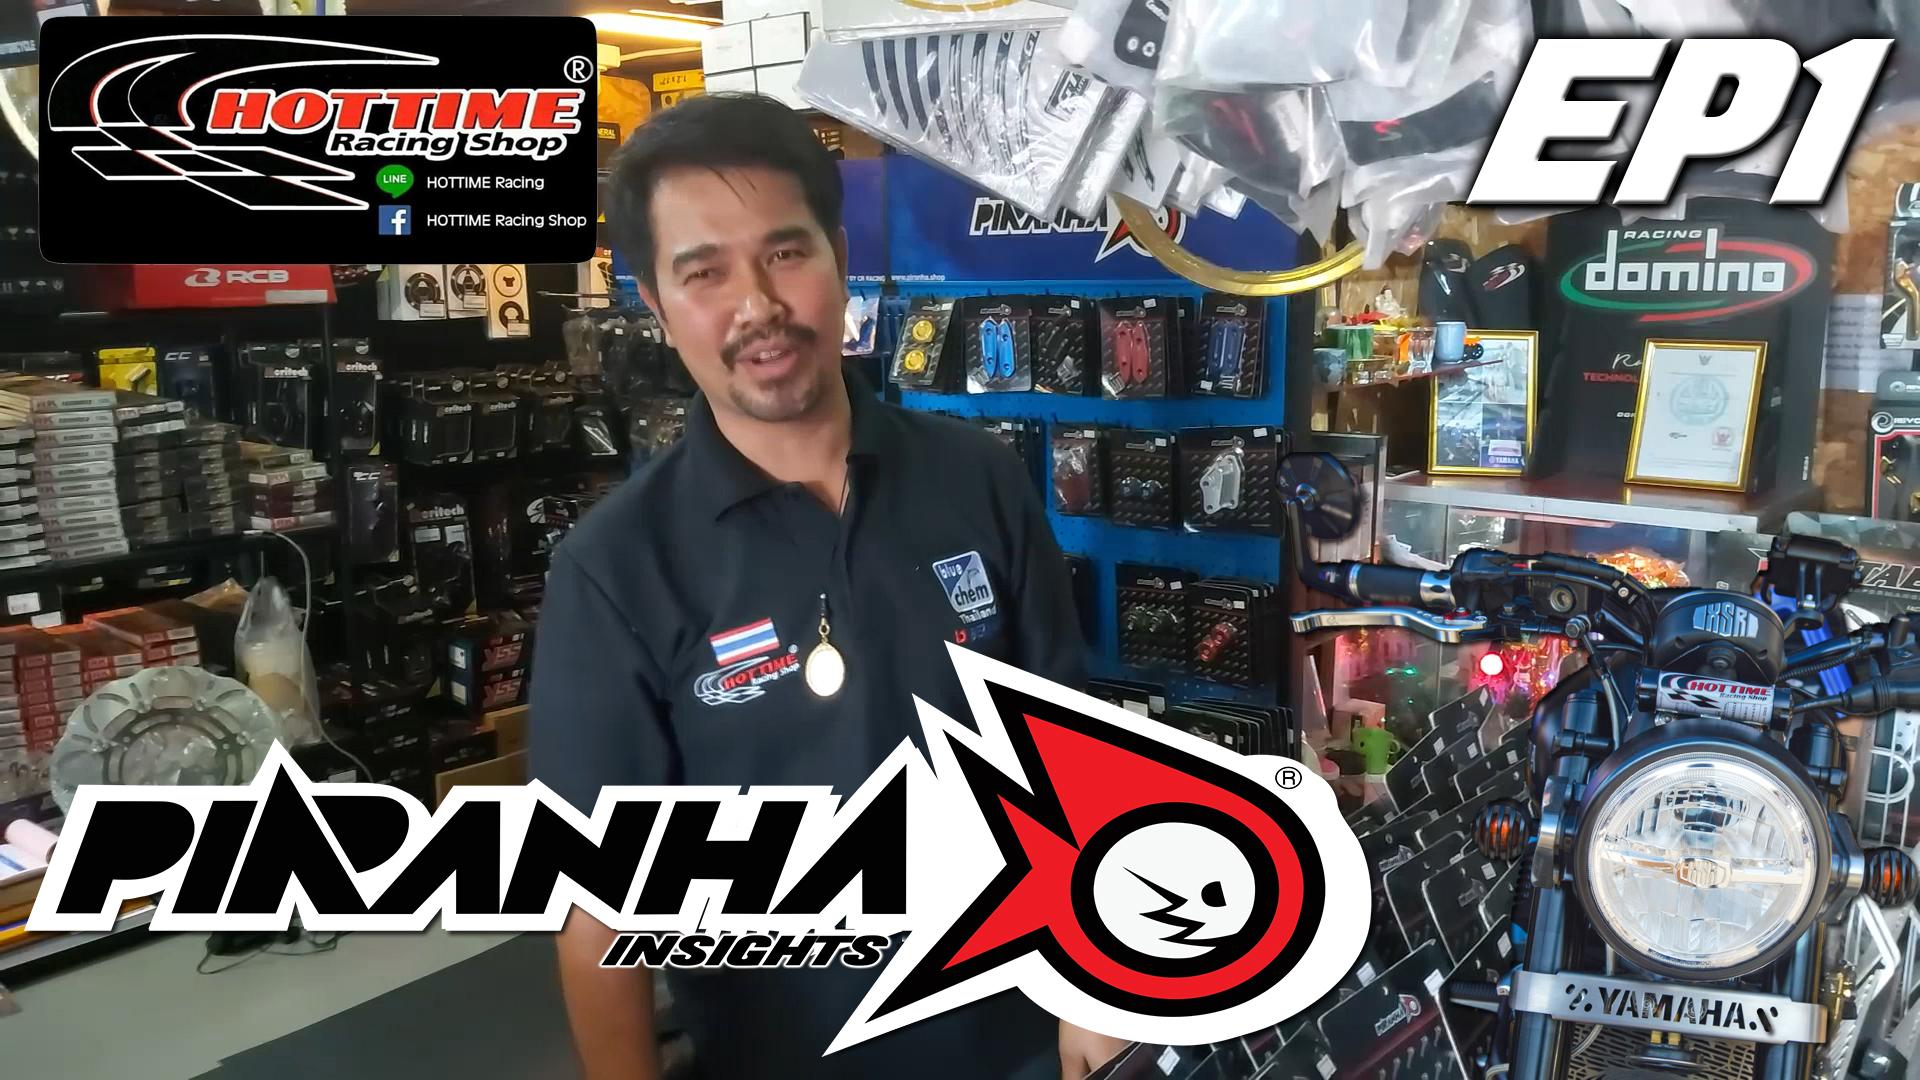 มาตามคำเรียกร้อง!! รายการ PIRANHA INSIGHTS EP1 Hot Time Racing Shop ตลาดพูนทรัพย์ ปทุมธานี